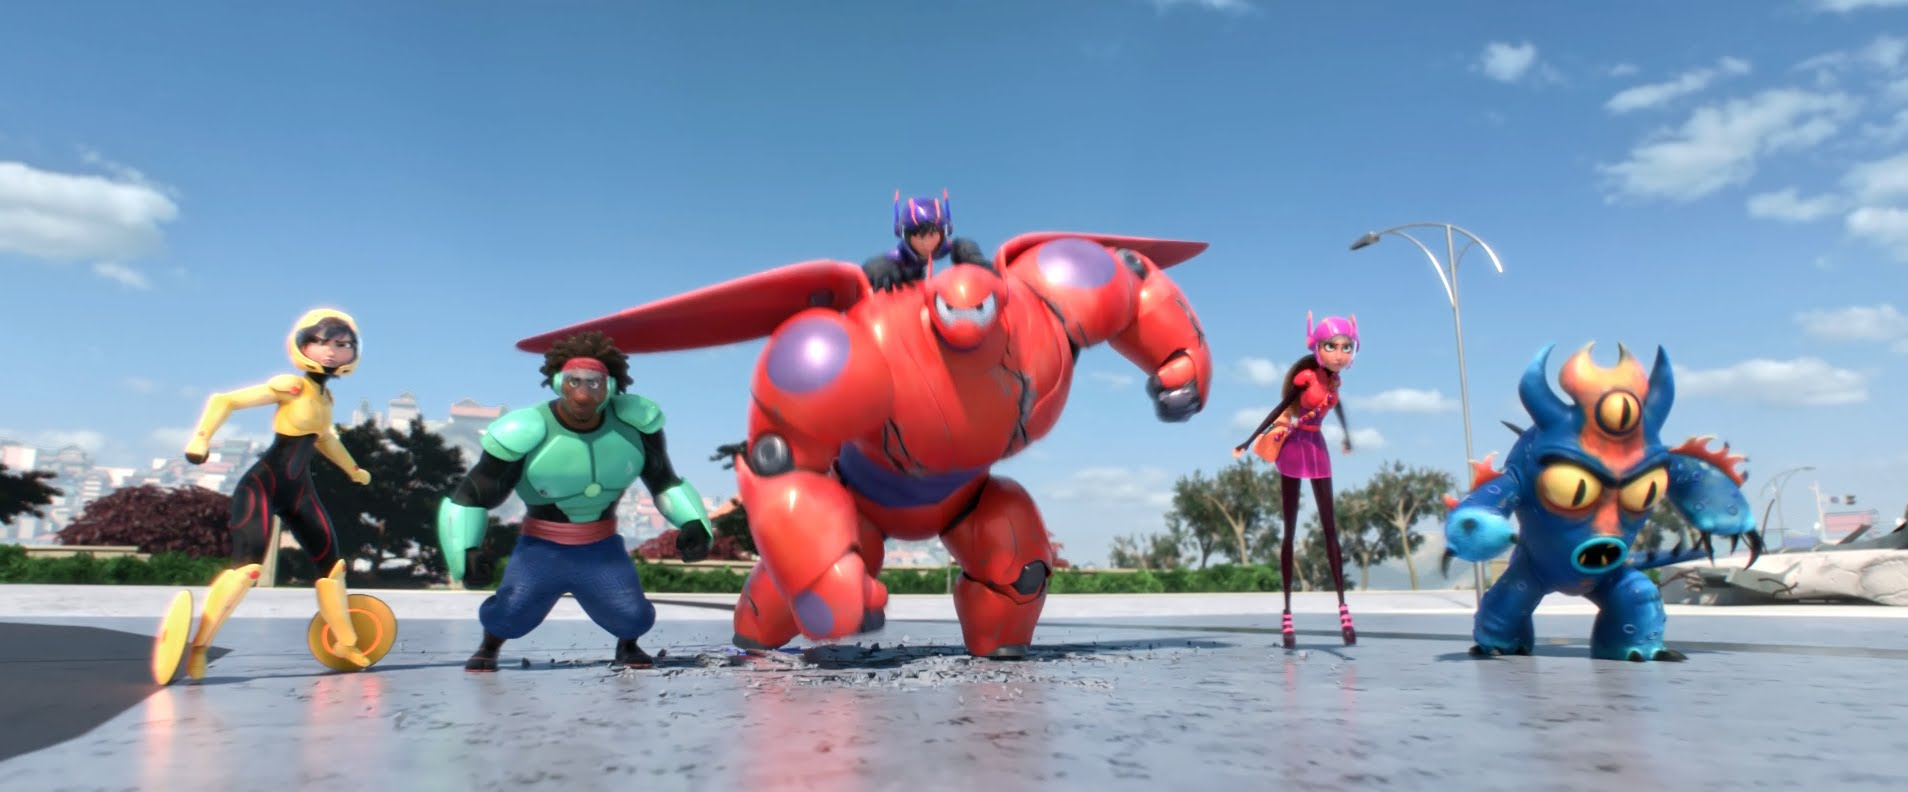 maxresdefaultJSAF04AX Es gibt noch/wieder Fall Out Boy, denn sie vertonten den neuen Trailer zu Big Hero 6